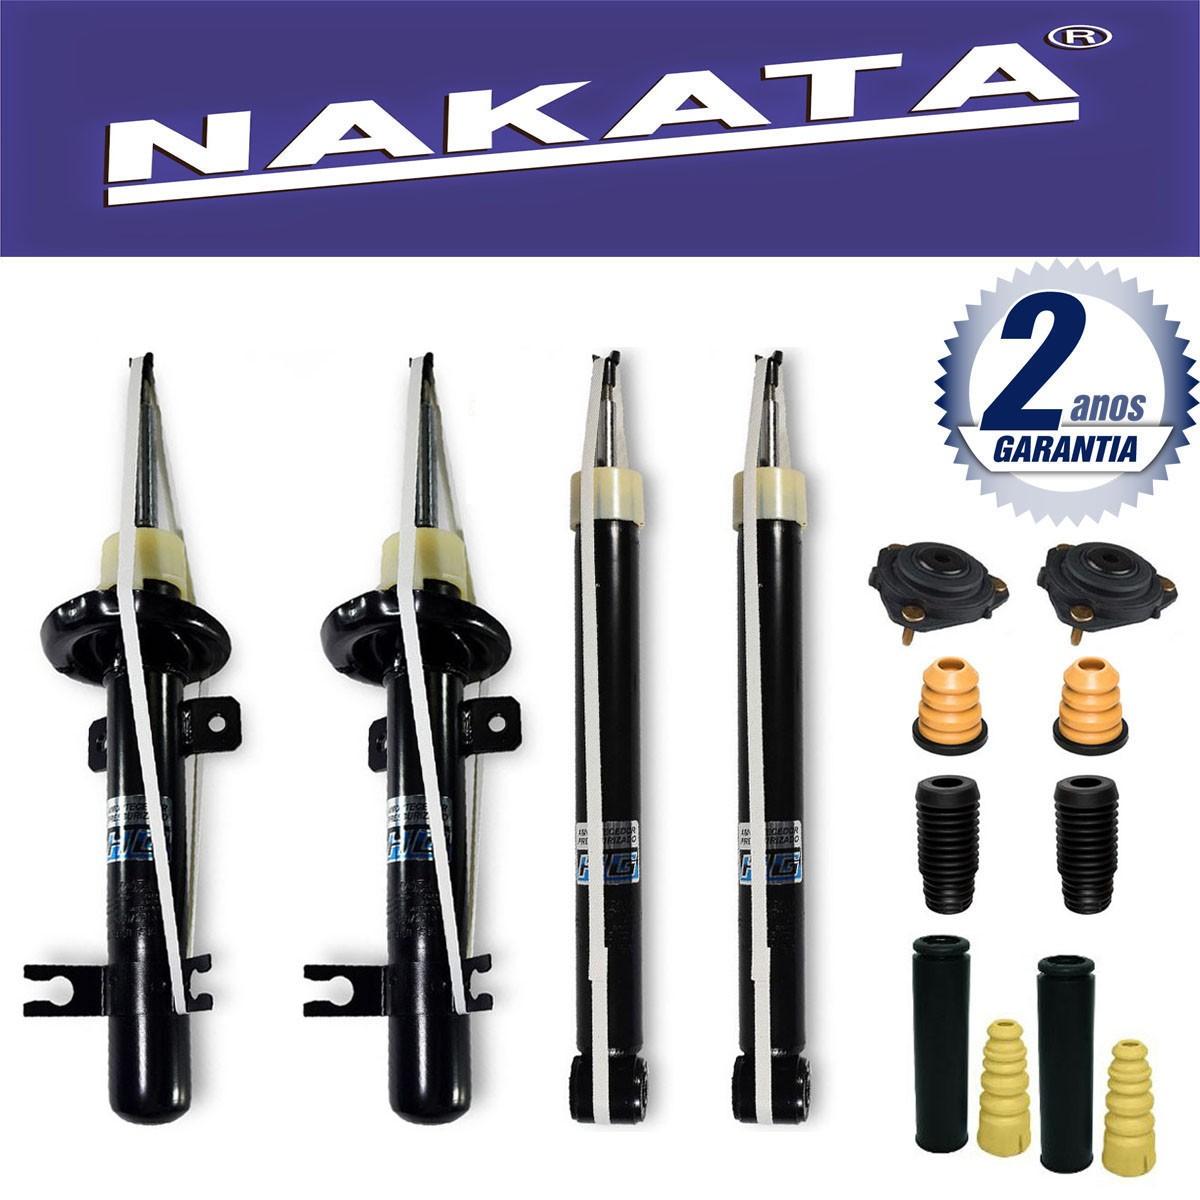 Jogo 04 Amortecedores Nakata Ford Fiesta Hatch e Sedan 2003 Até 2013 + Kit da Suspensão